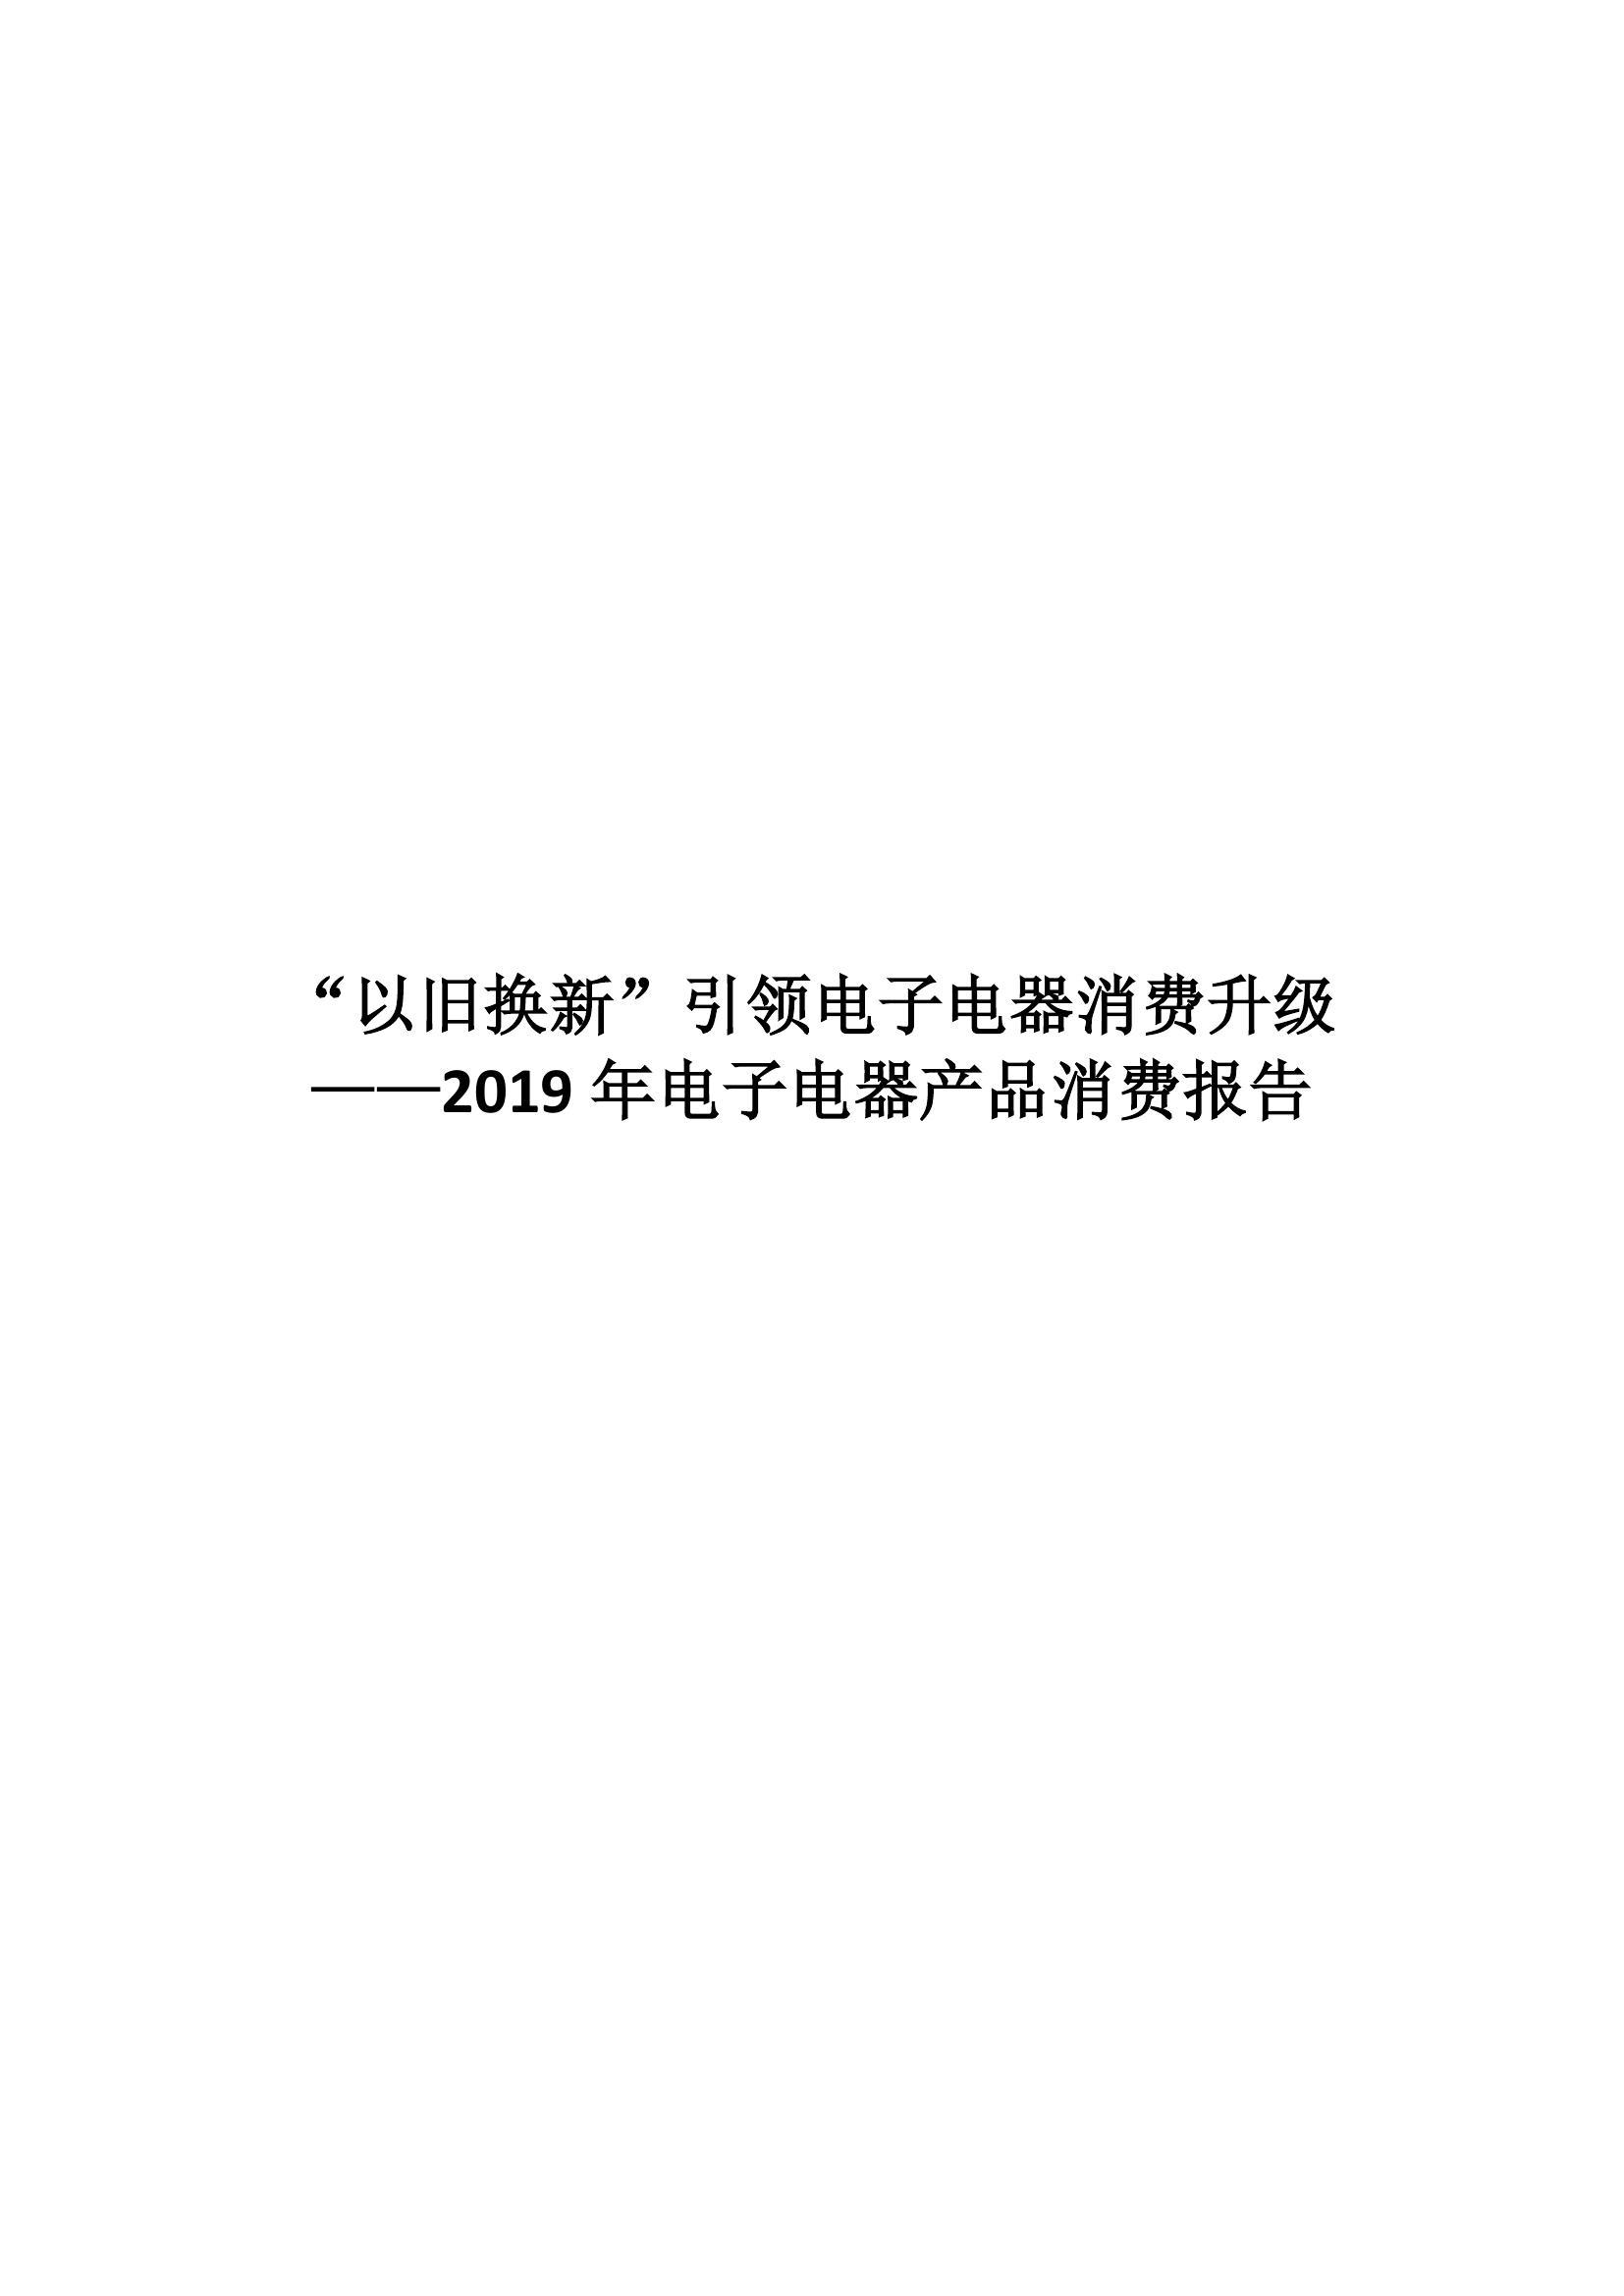 商务部研究院:2019年电子电器产品消费报告